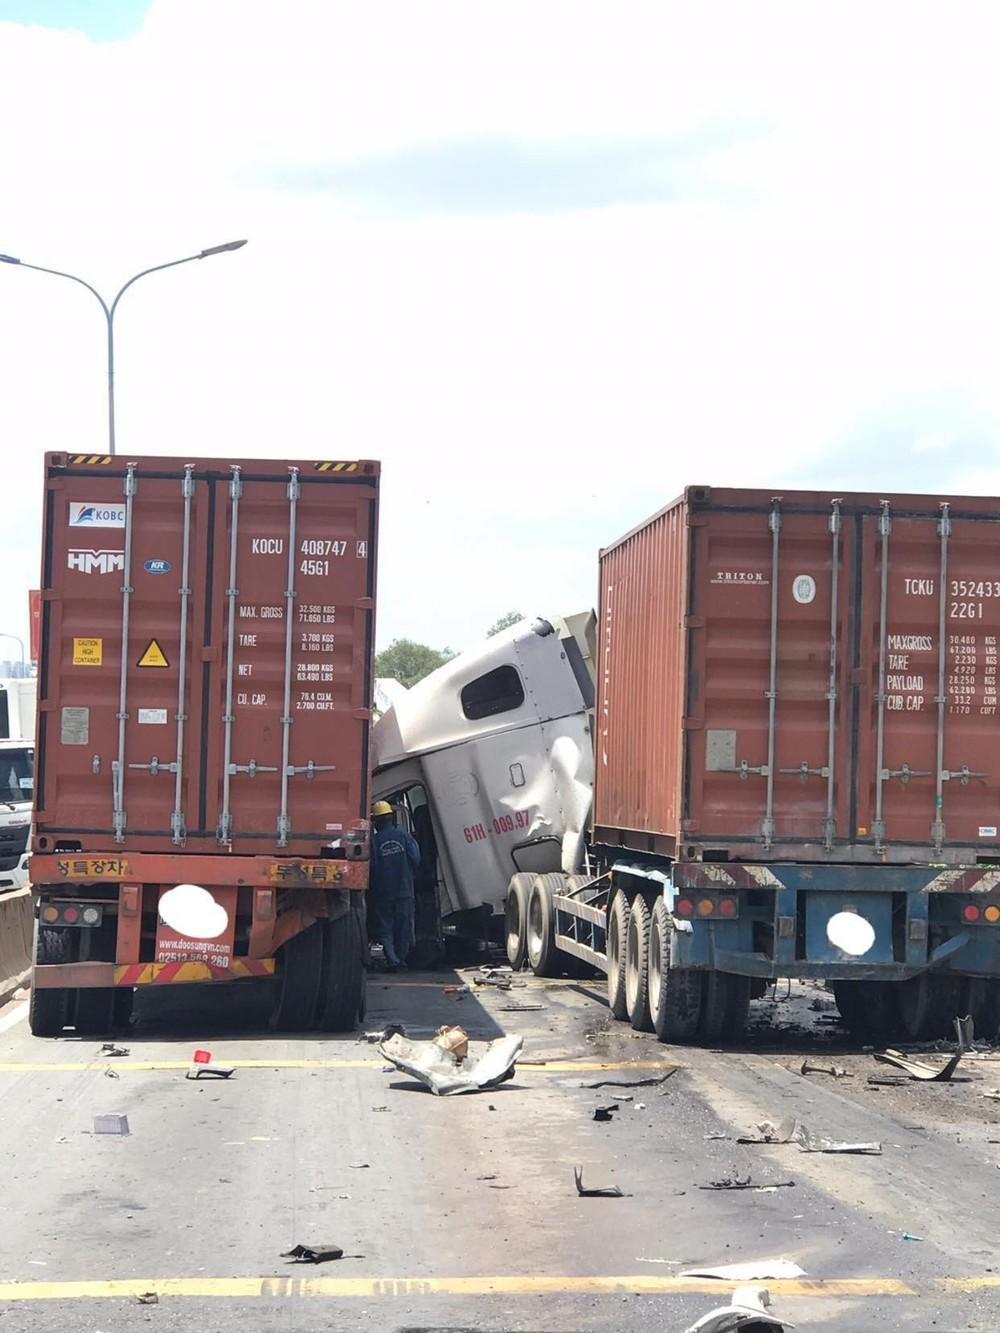 3 xe va chạm trên dốc cầu Phú Mỹ ở Sài Gòn, giao thông tê liệt - Ảnh 1.